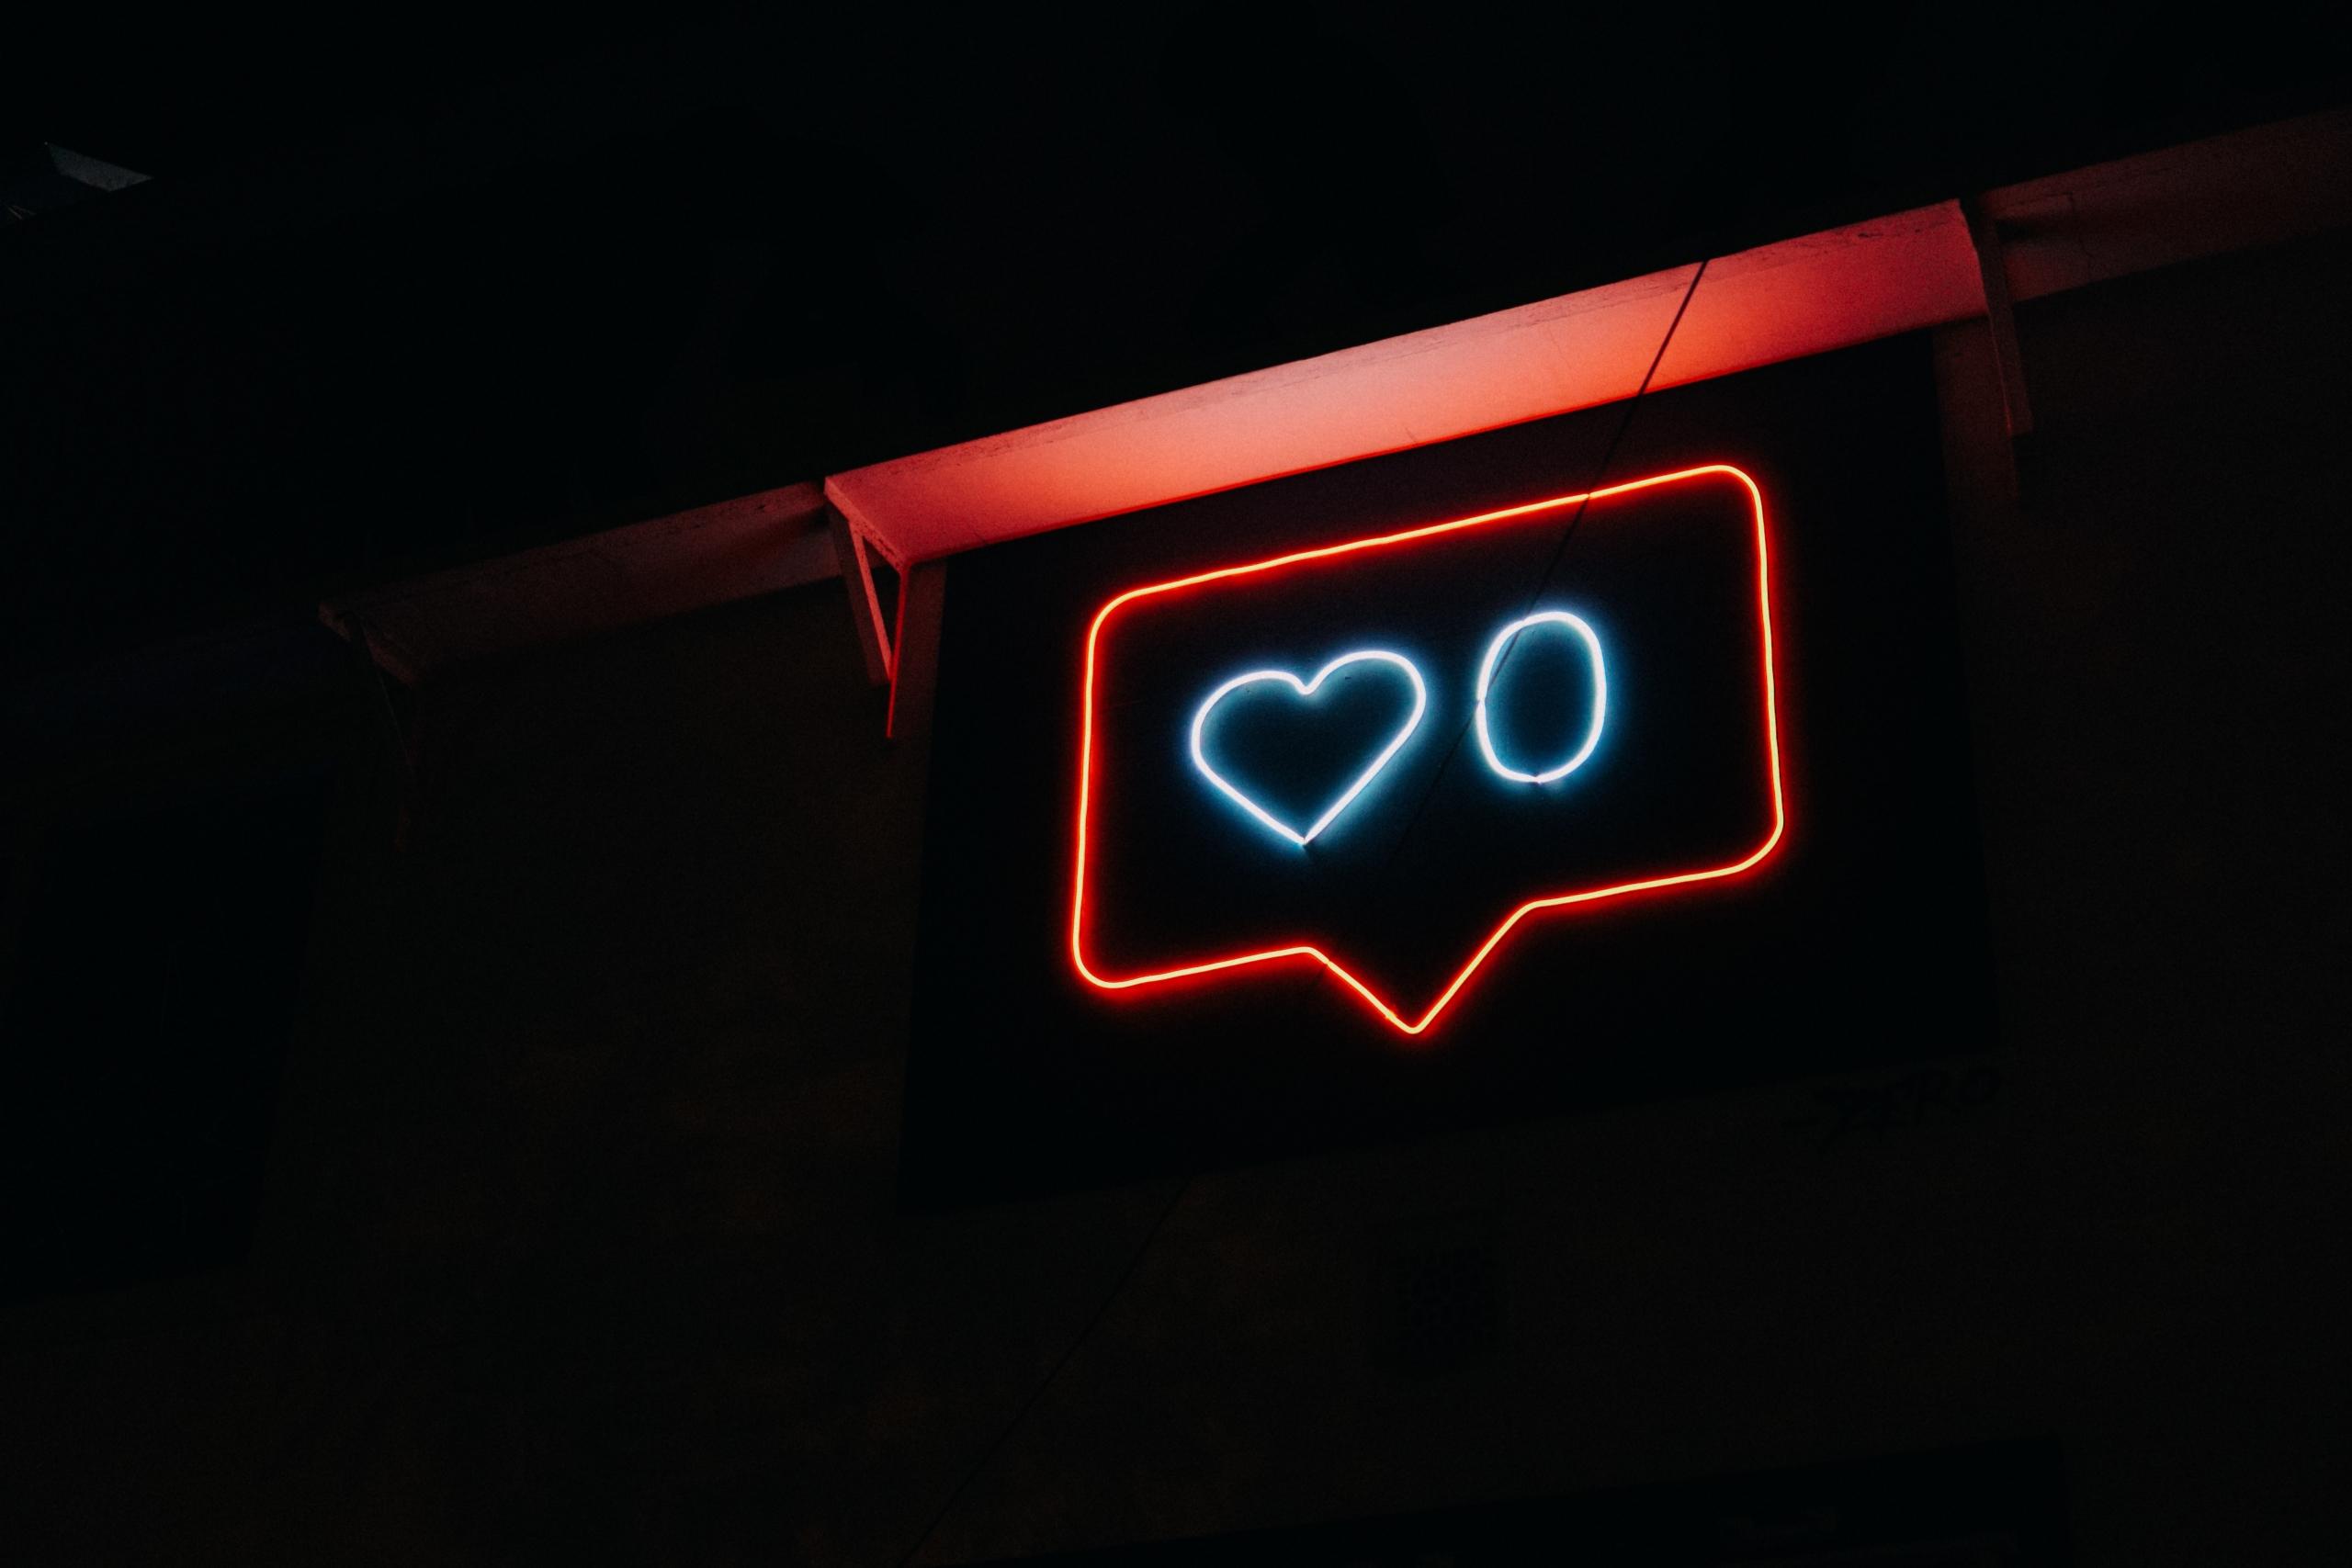 Leuchtschrift in Form einer Instagram Like-Anzeige